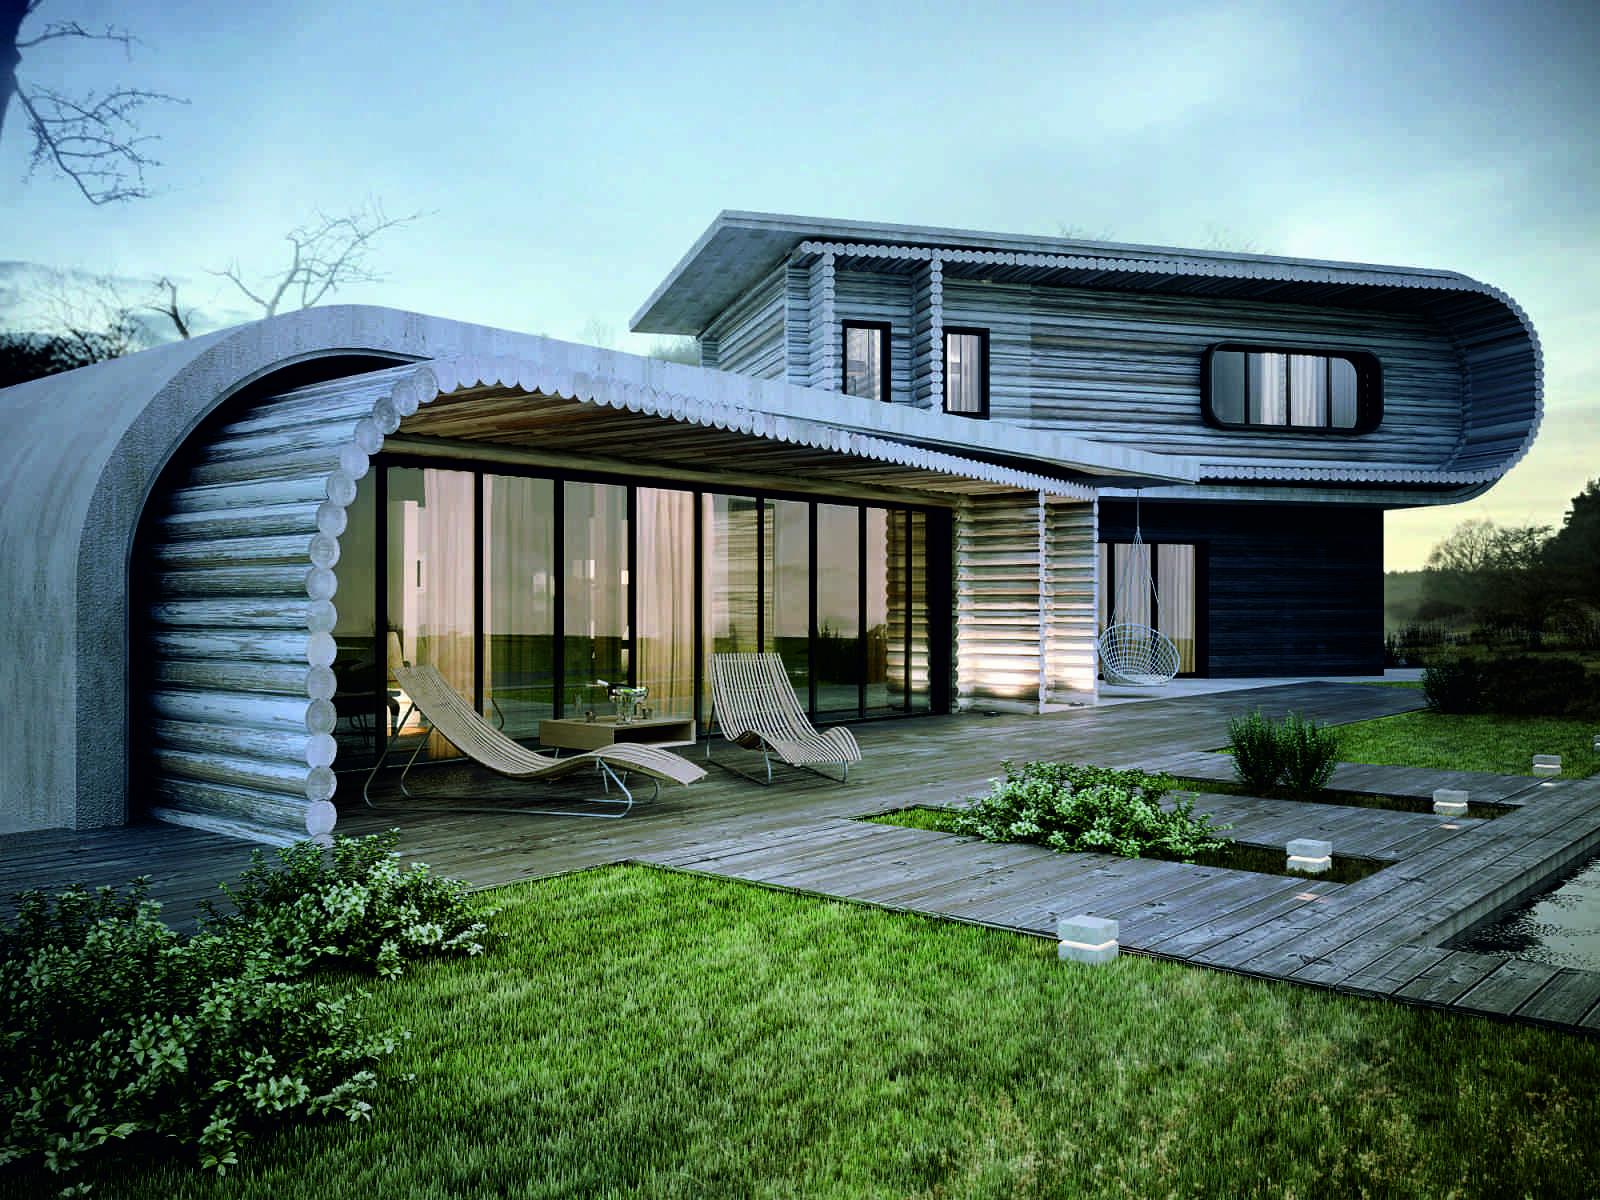 Architect designing houses